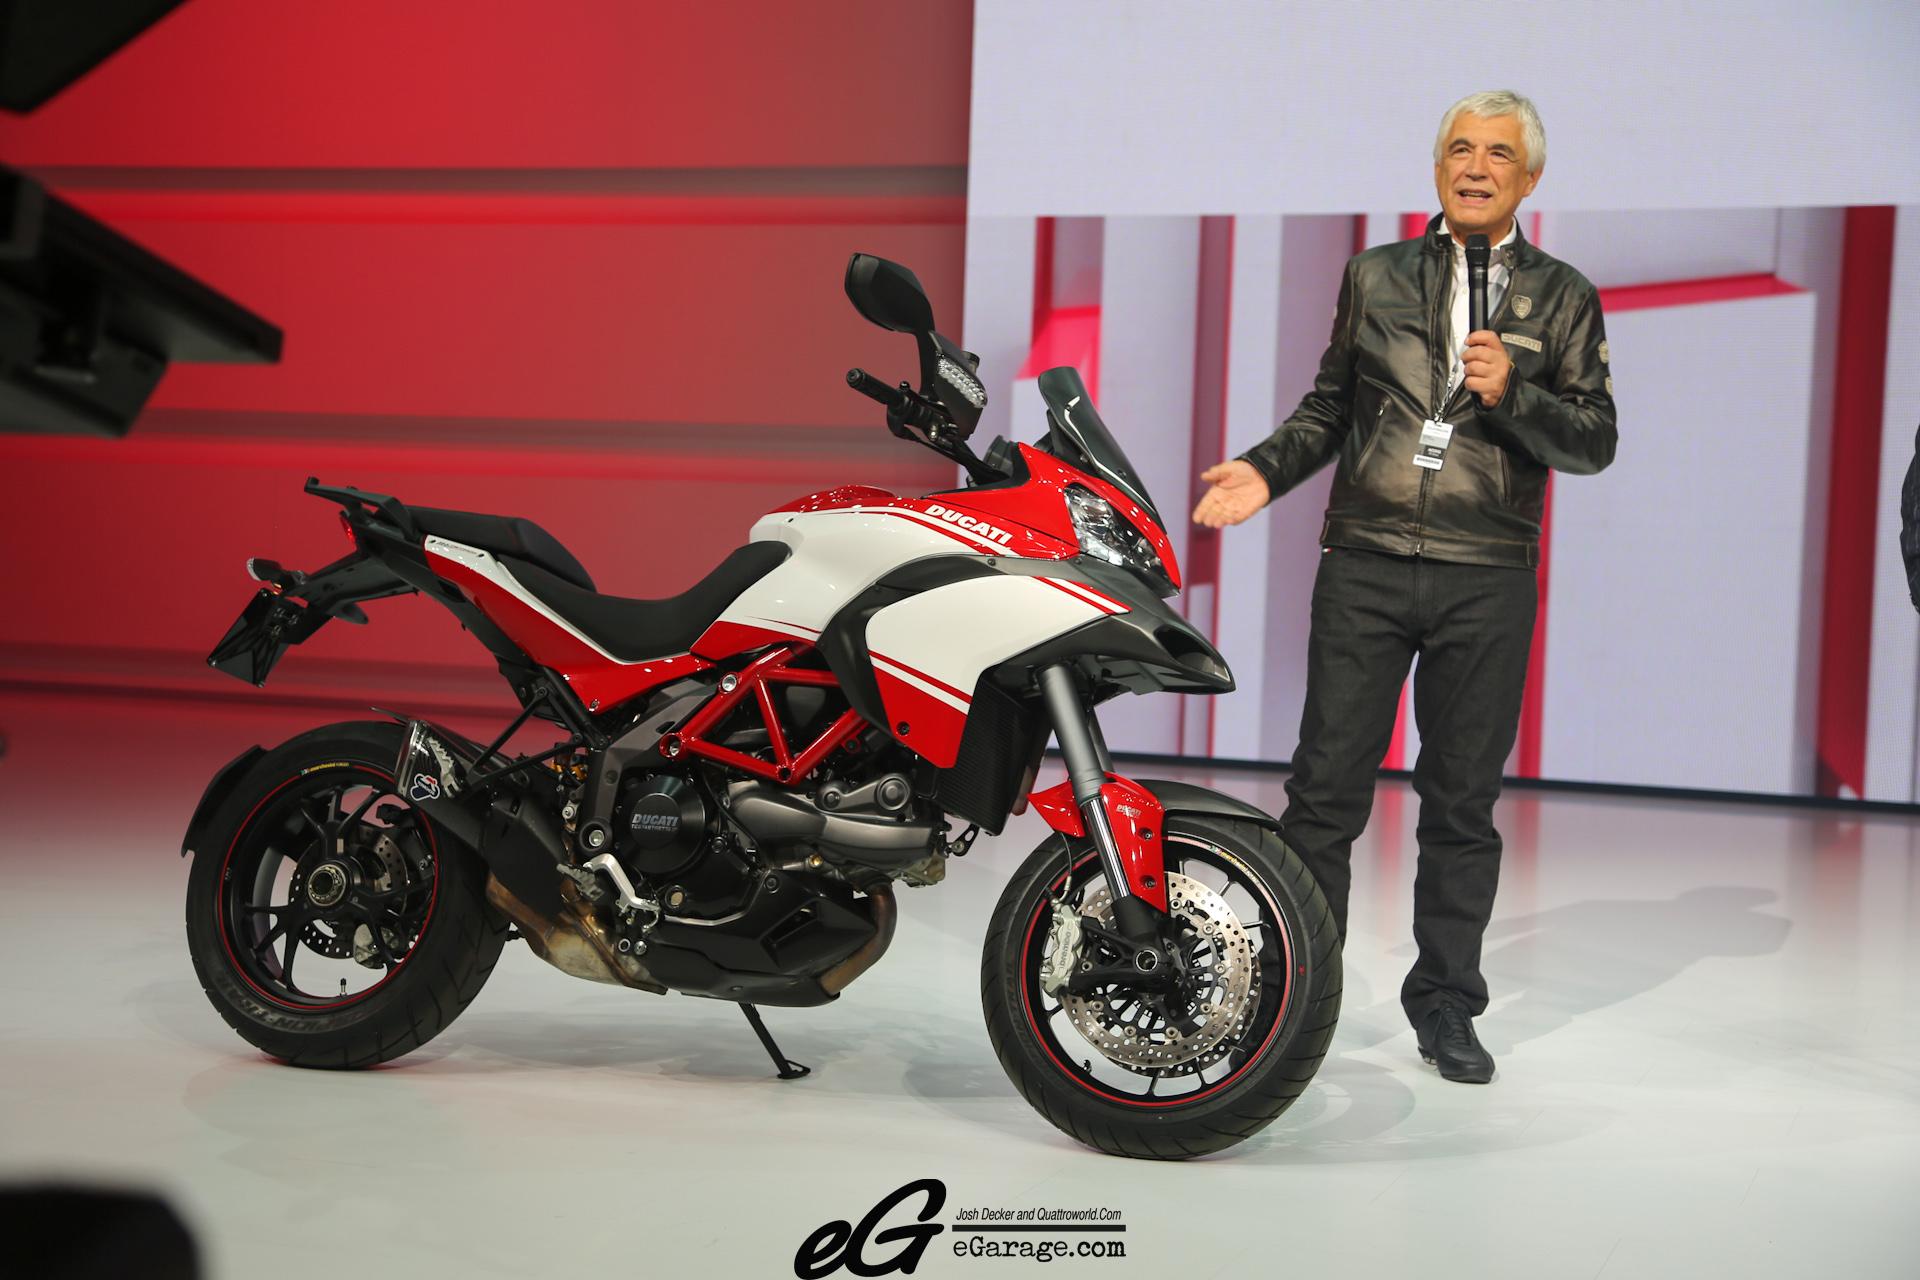 8030391177 2605fe9542 o 2012 Paris Motor Show